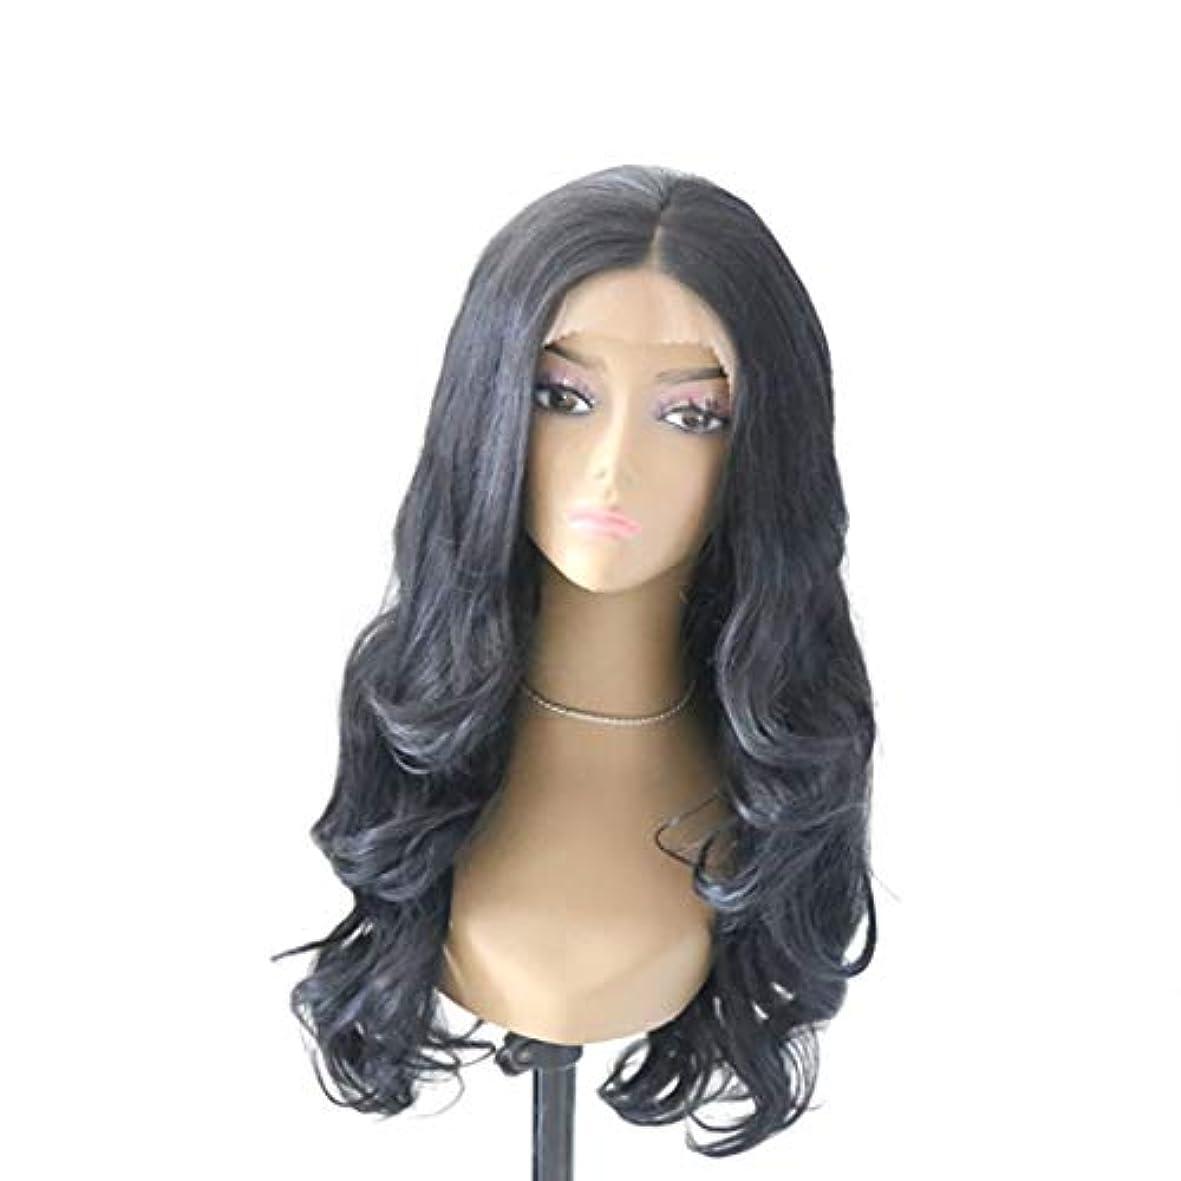 百怒り狂気Kerwinner 黒かつら女性のための大きな波状の巻き毛のフロントレース化学繊維かつら